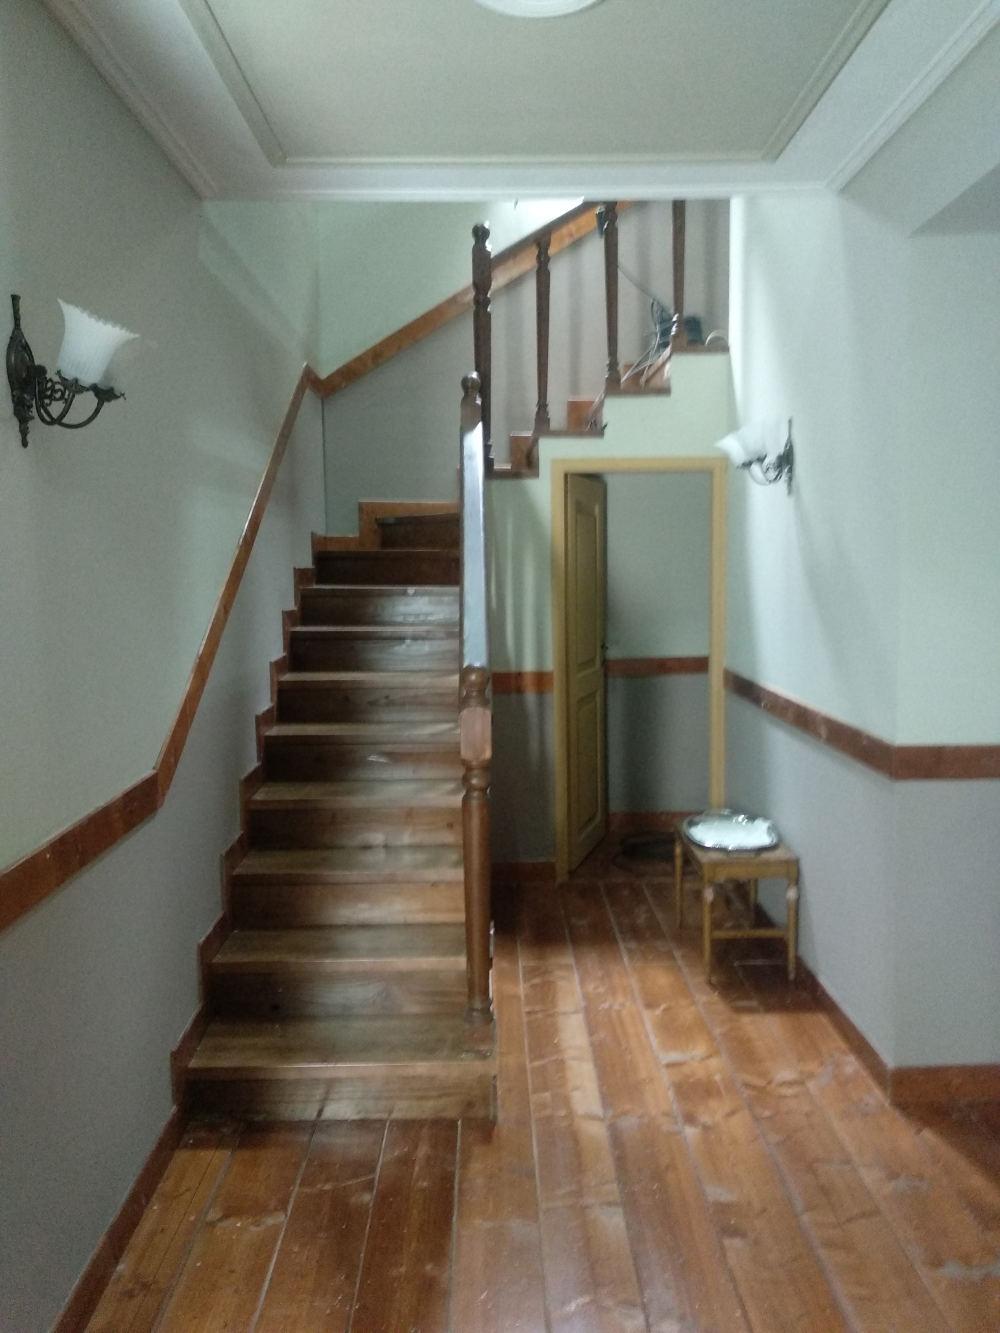 Οι σκάλες που οδηγούν στα επάνω δωμάτια του σπιτιού των Σεβαστών